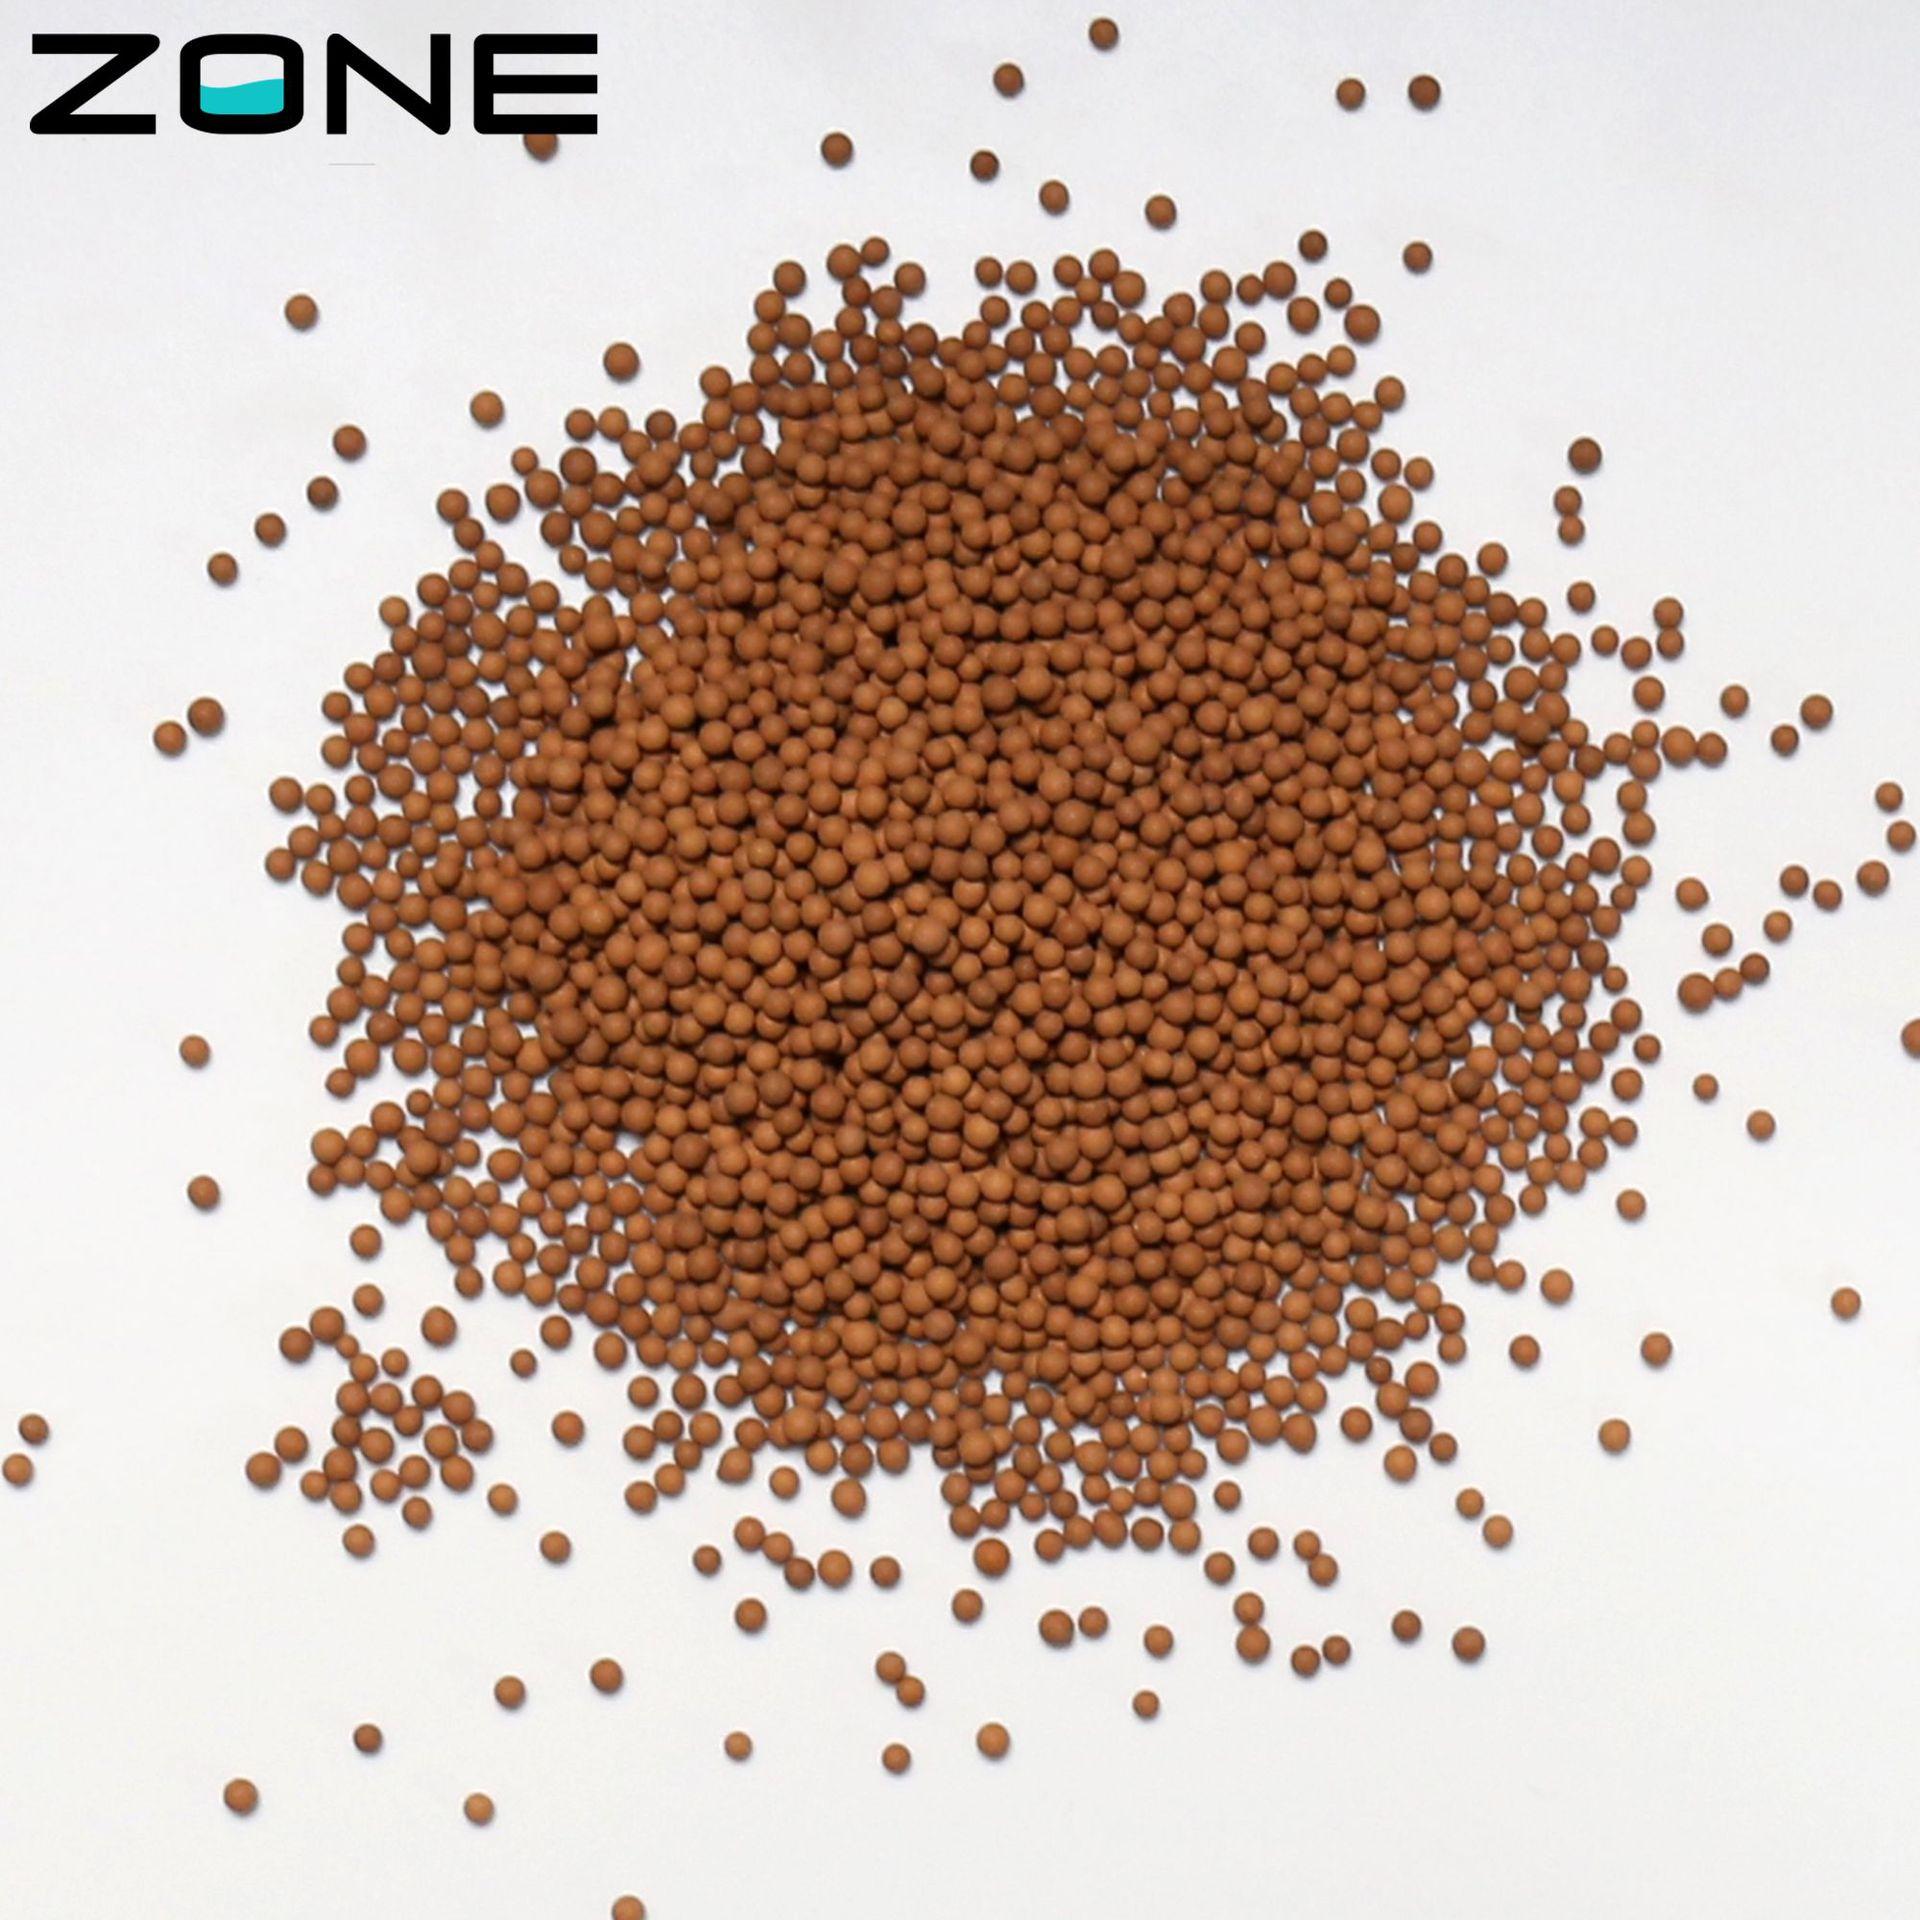 麦饭石陶瓷球 水处理用 滤料 过滤球 沐浴器花洒滤料-宗立